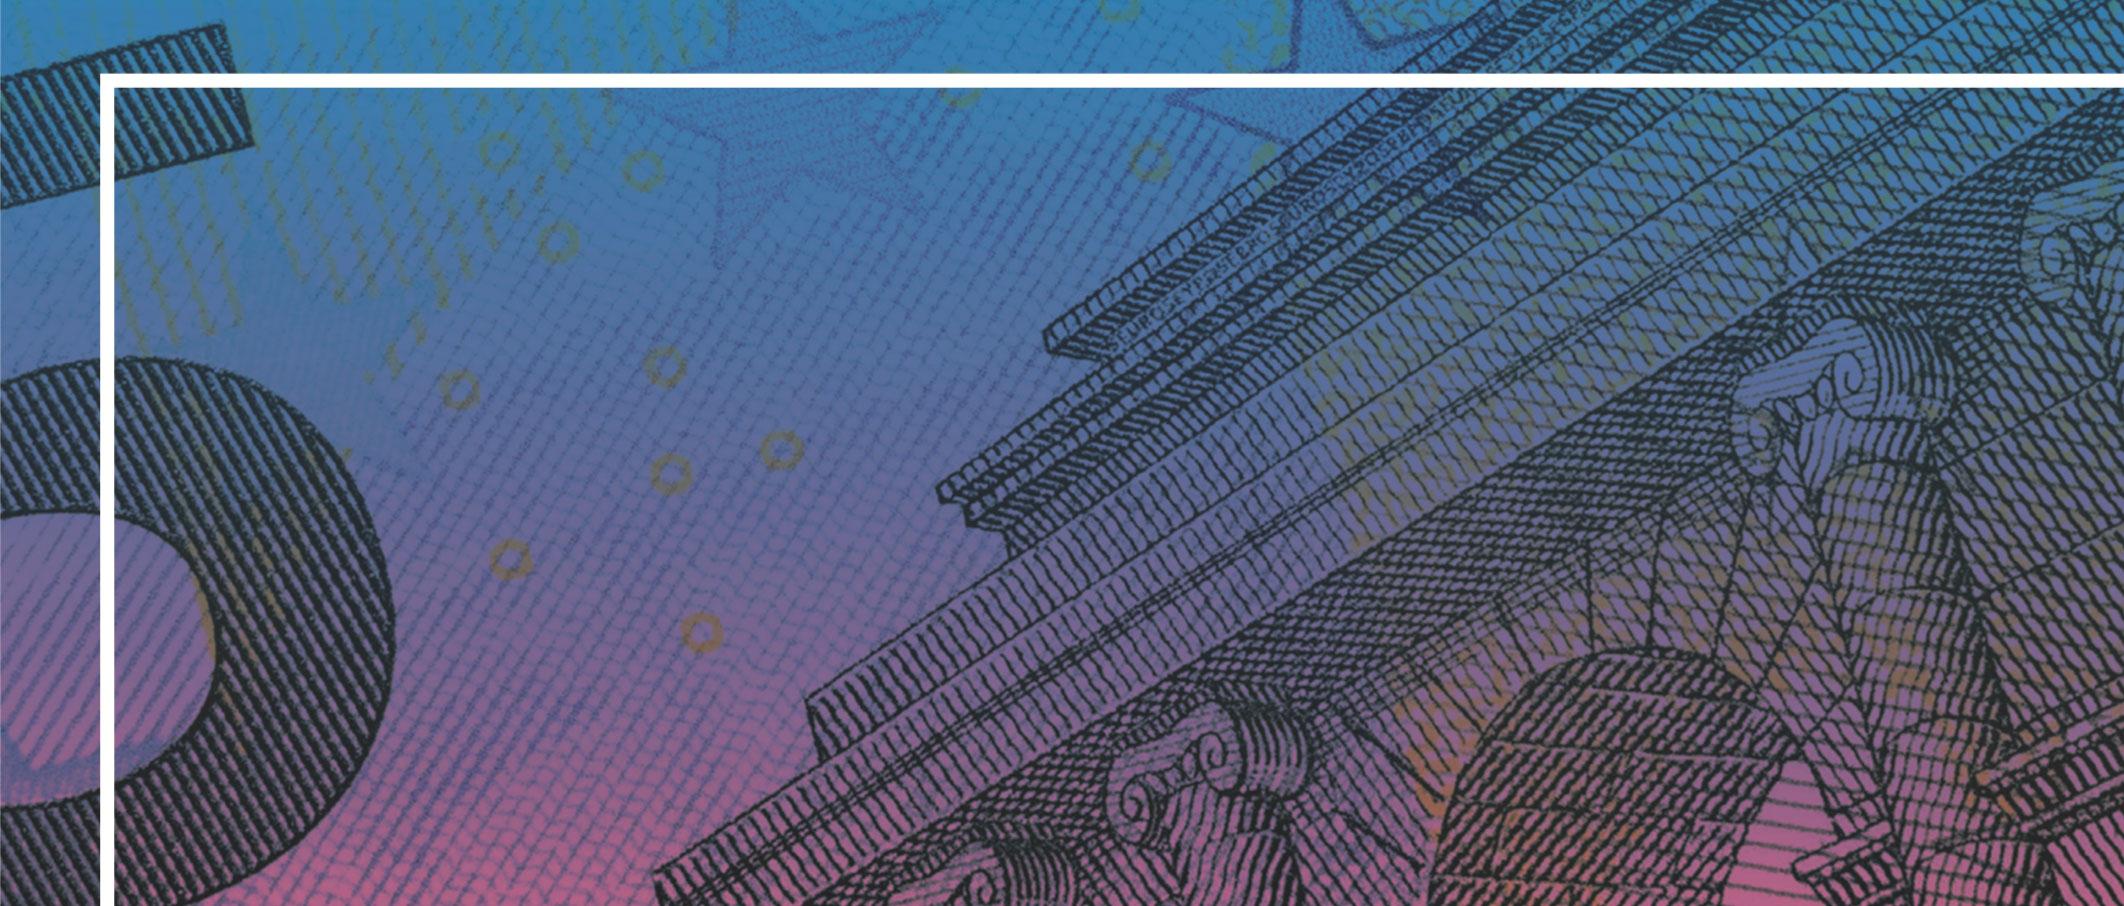 fiche 8 - detail billet de banque - equipements et frais